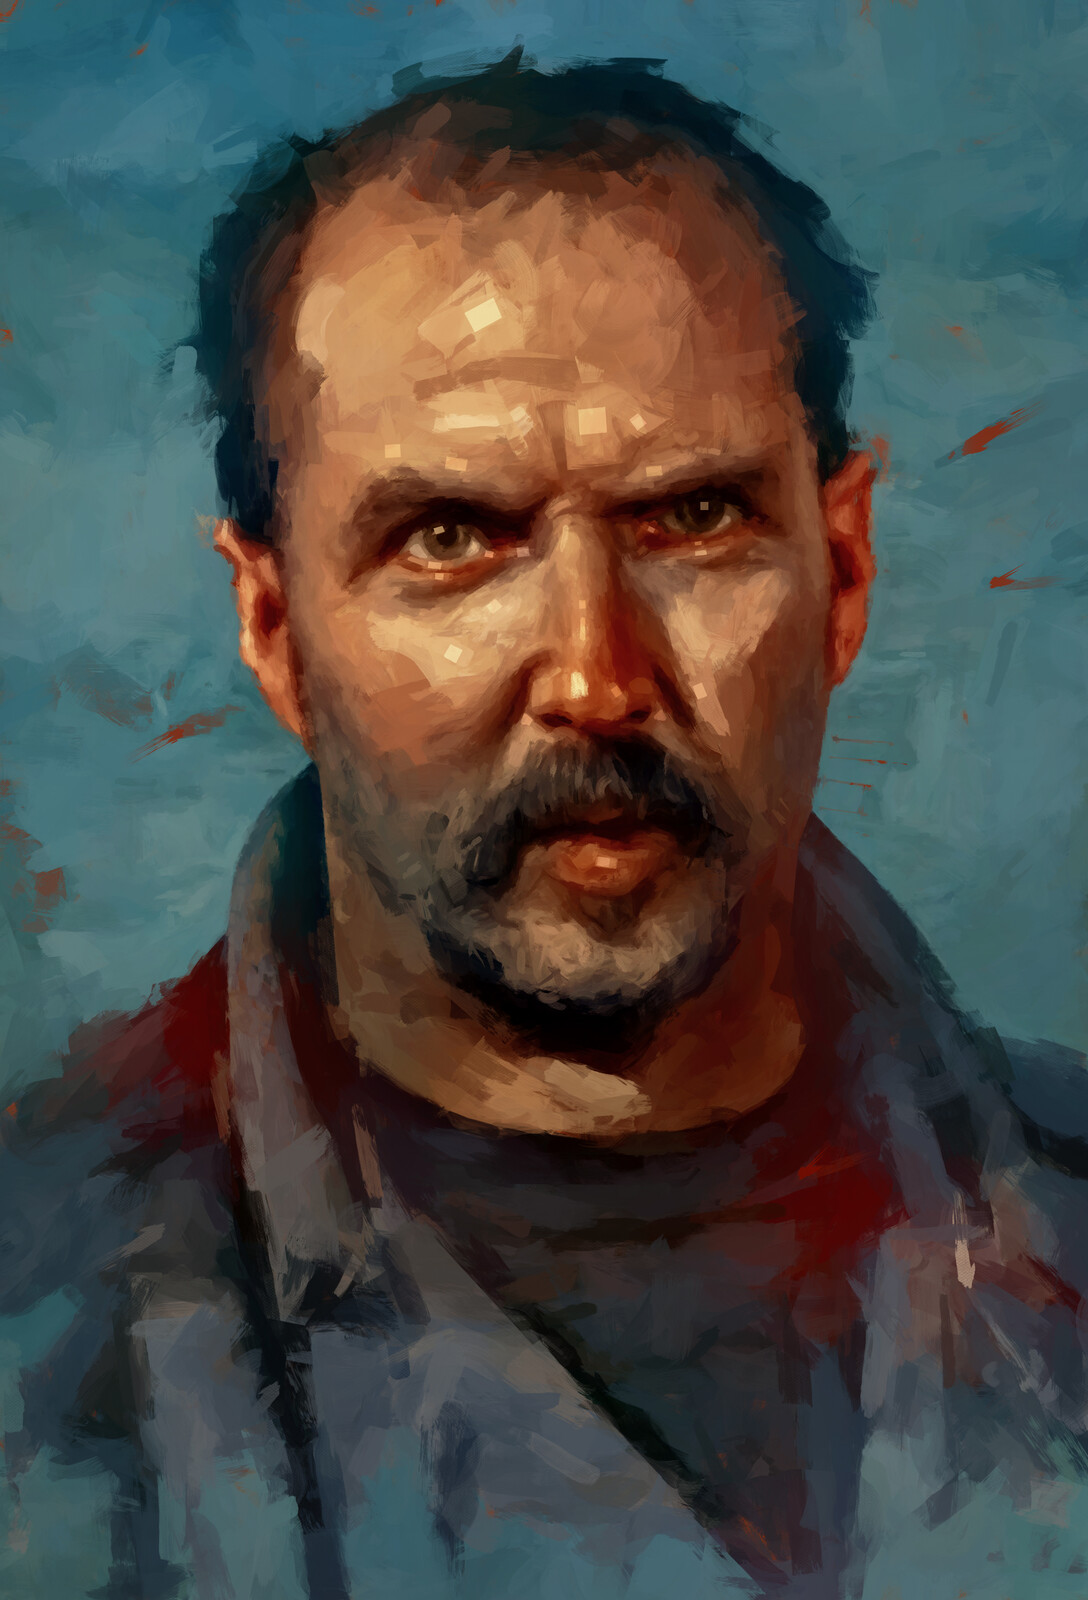 Leon Kowalski (Blade Runner)